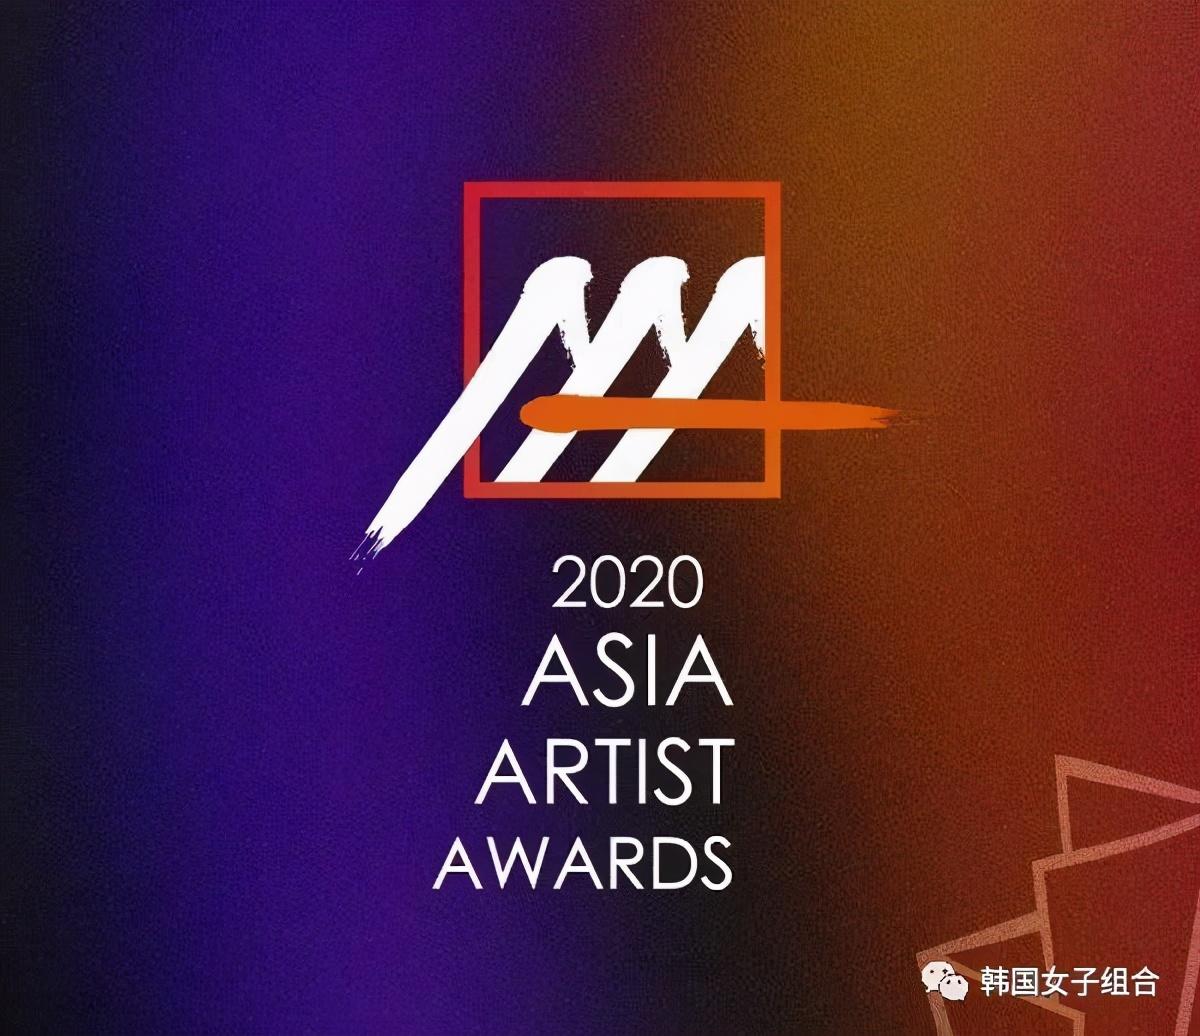 2020年AAA颁奖礼,这个女团被轻视?粉丝不满要求道歉